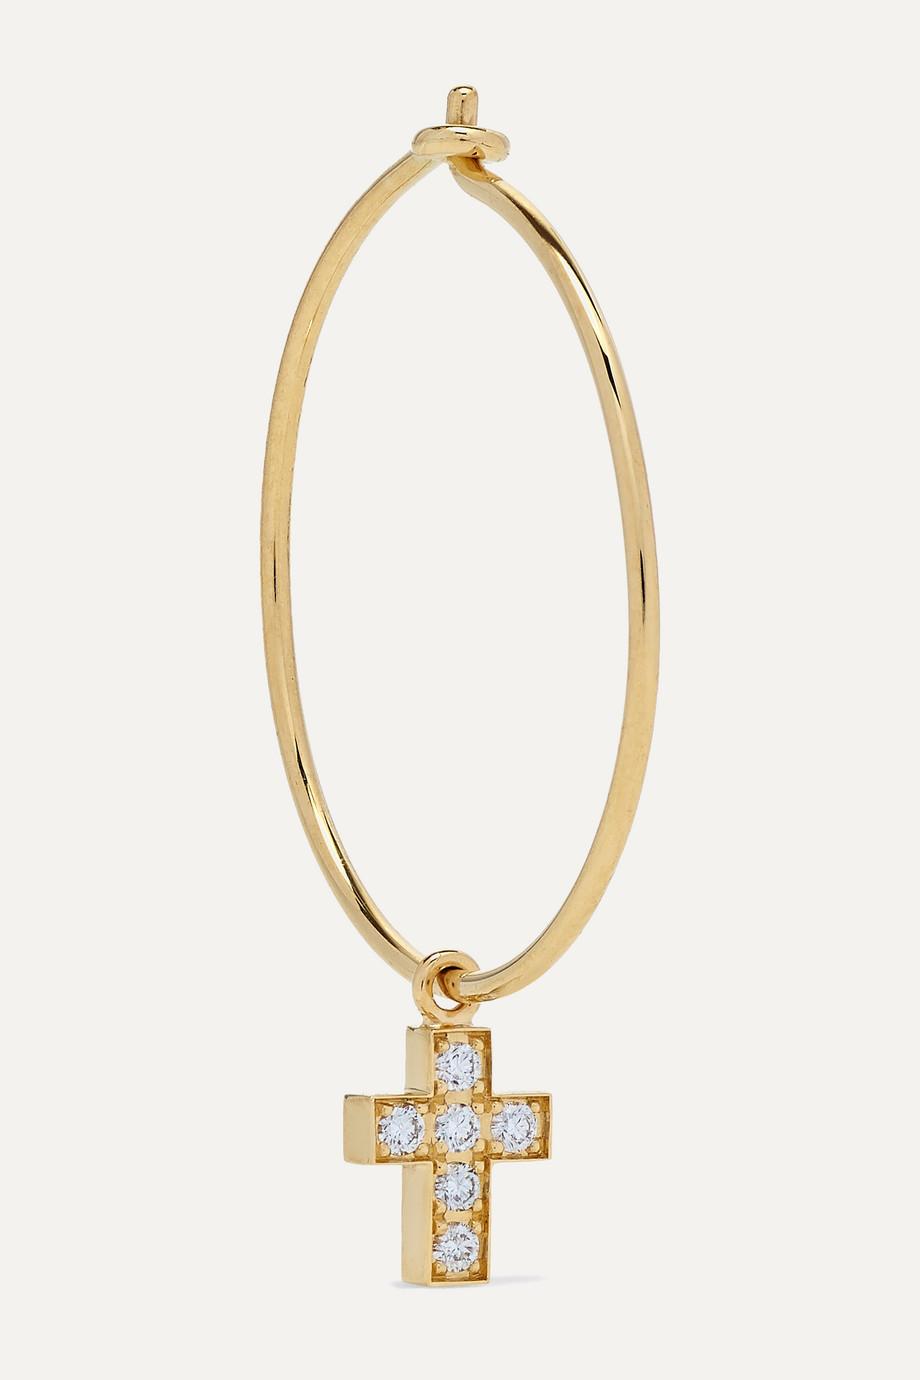 Sophie Bille Brahe Boucle d'oreille en or 18 carats et diamants Giulietta